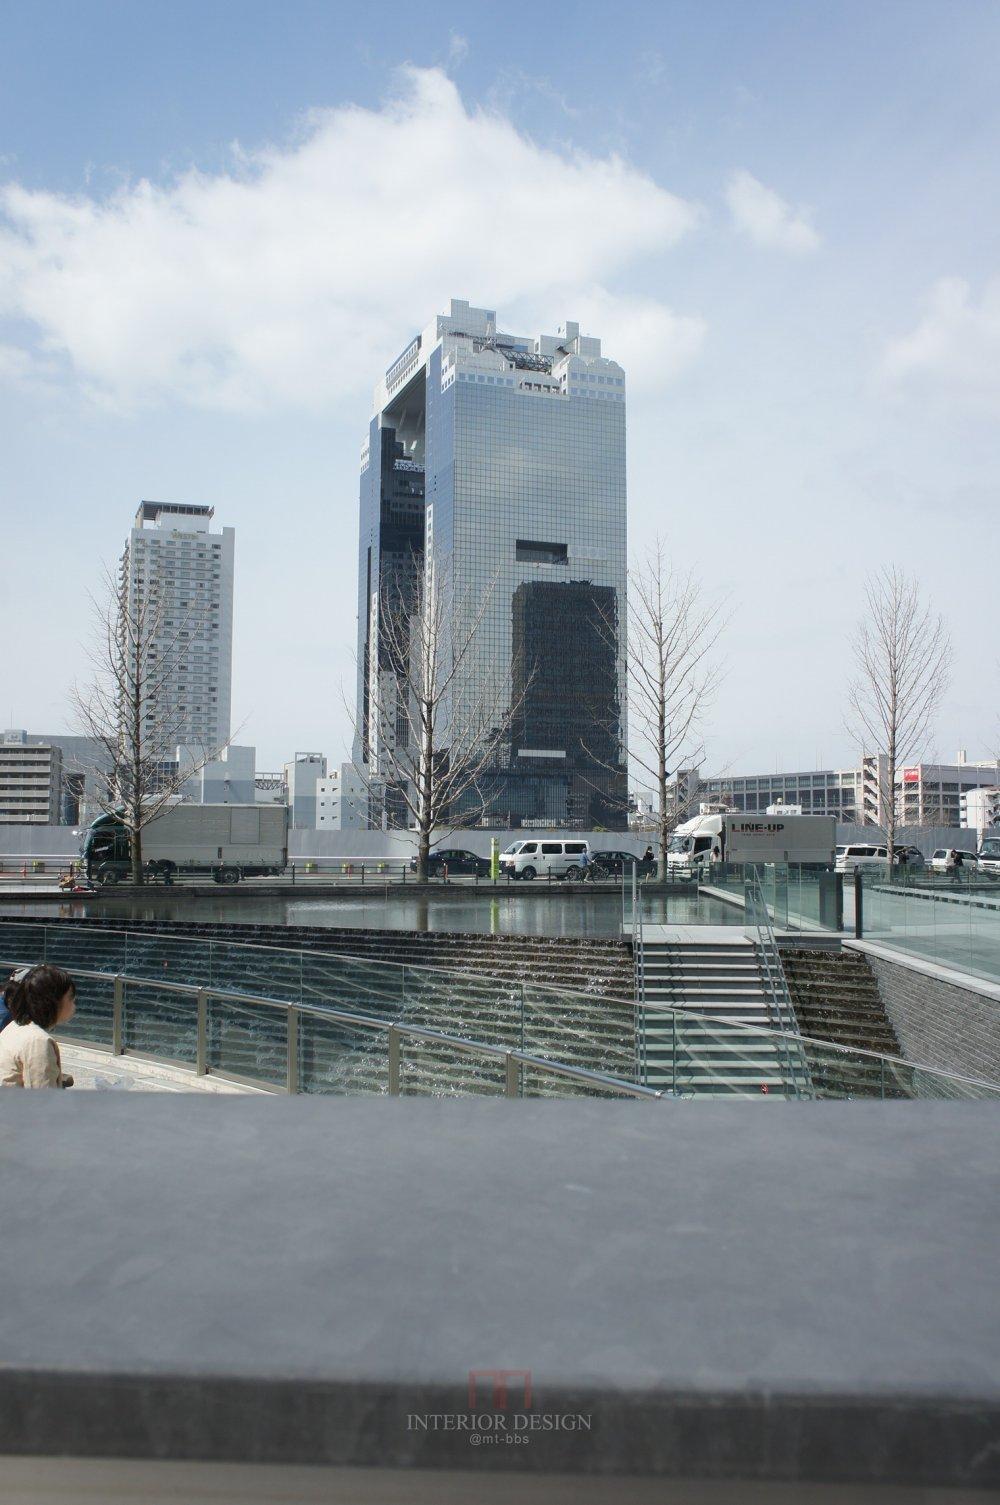 #伙伴一起看日本#  日本设计考察分享(更新美秀美术馆)_DSC05681.JPG